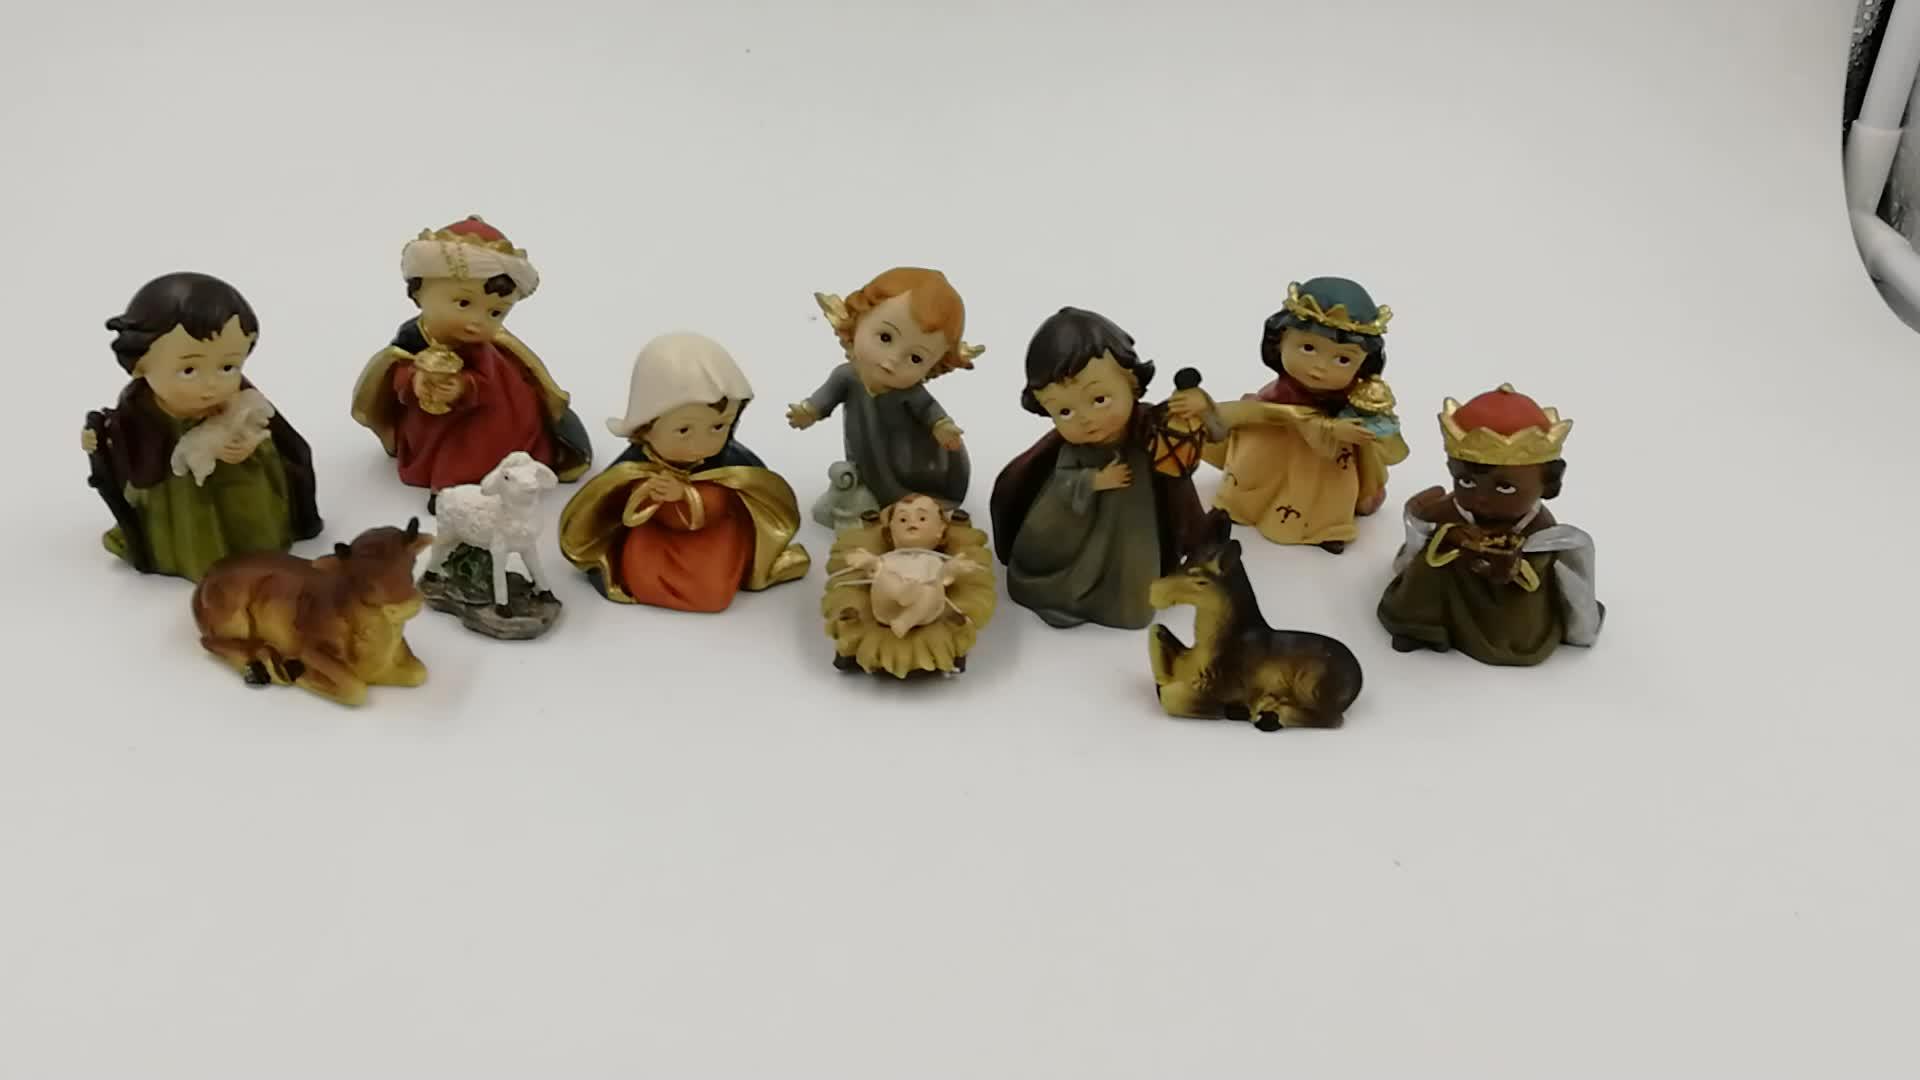 Trang Trí Thủ Công Châu Âu Phong Cách Tôn Giáo Nhựa Chúa Giáng Sinh Thủ Công